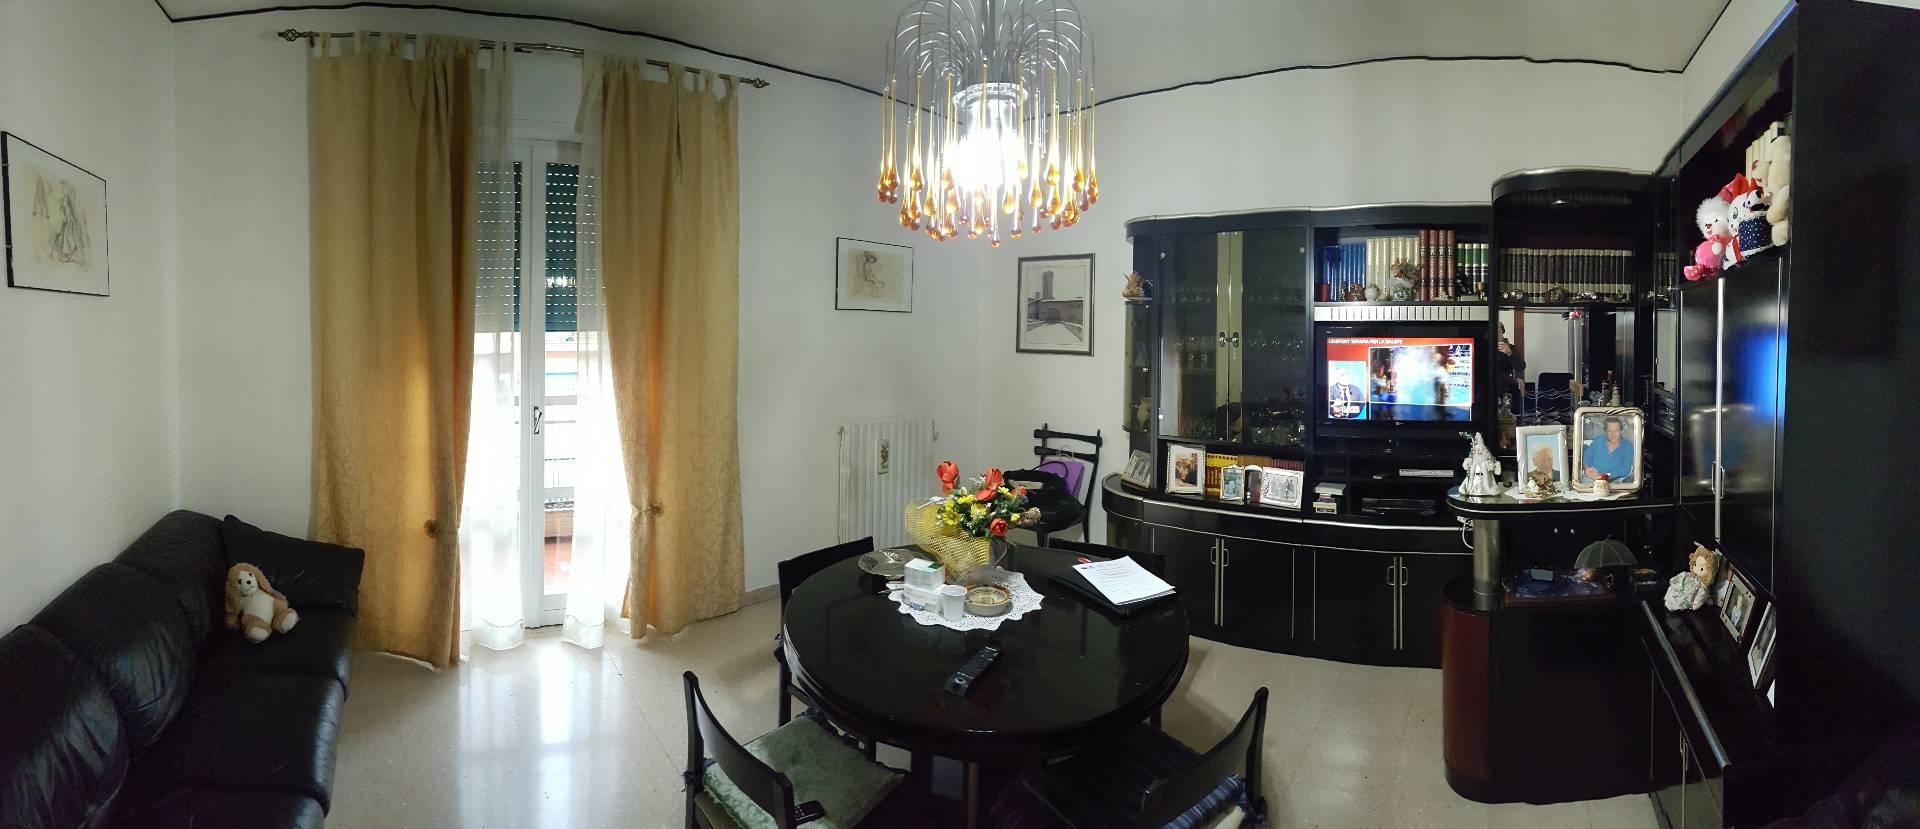 Appartamento in vendita a Ascoli Piceno, 6 locali, zona Località: BorgoSolestà, prezzo € 118.000 | CambioCasa.it